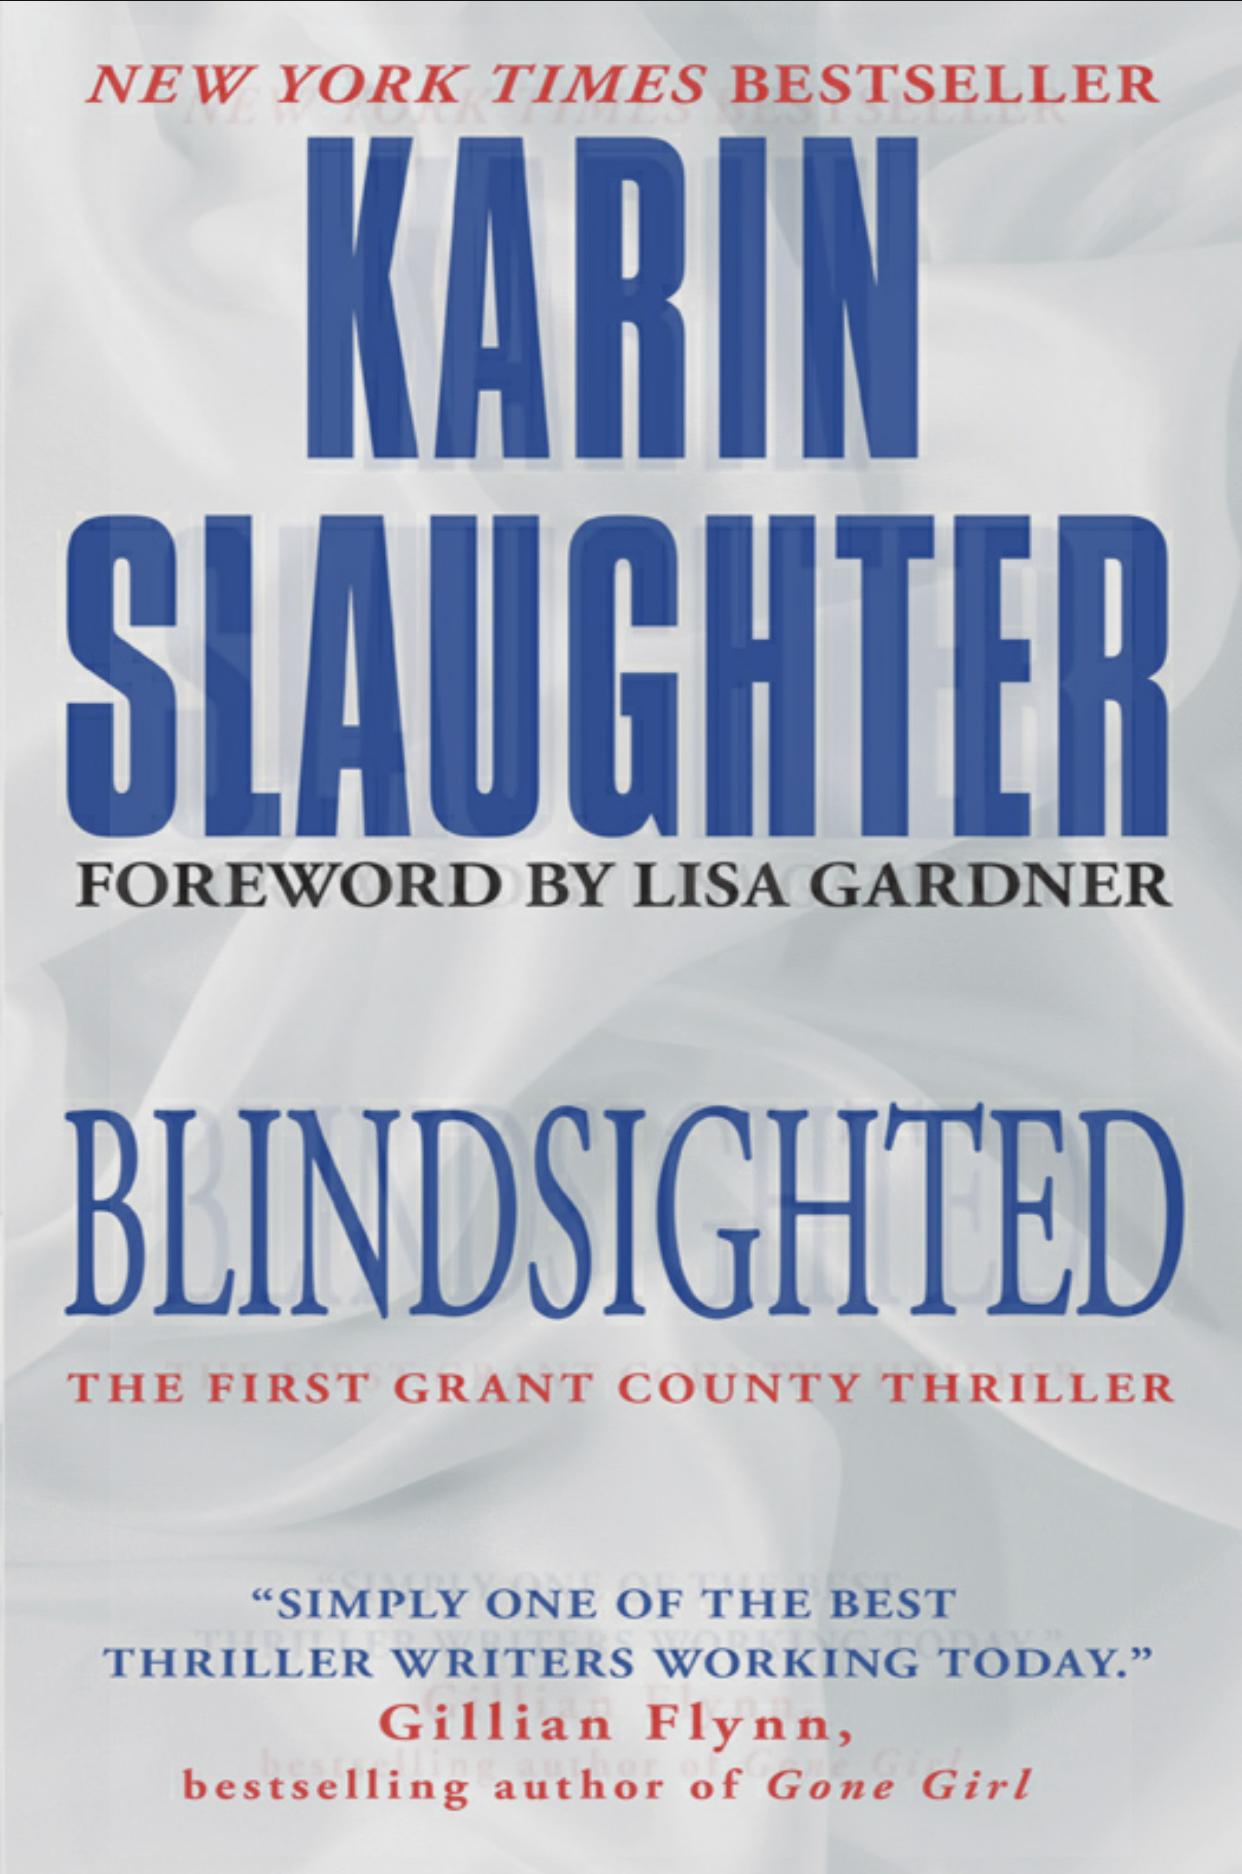 blindsighted.jpg